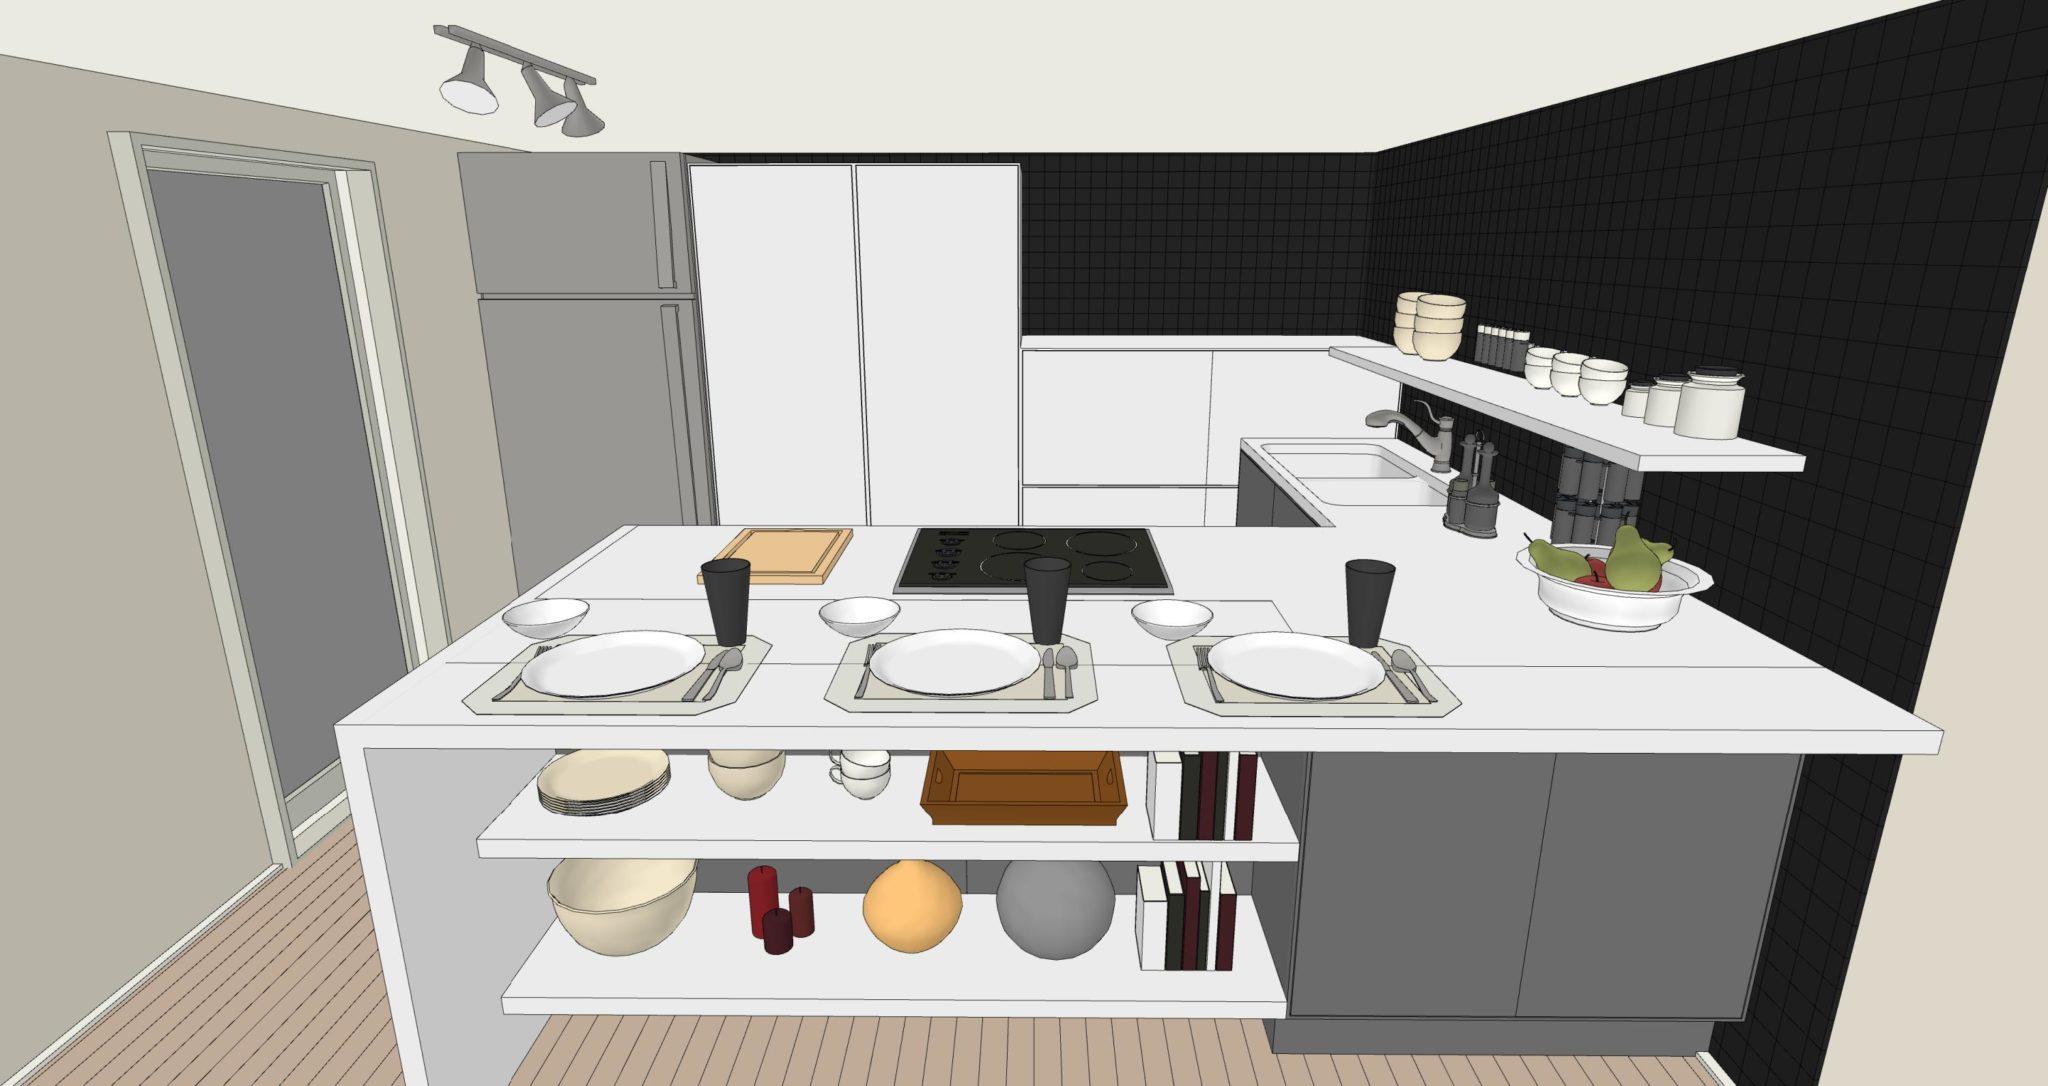 Cucina archivi lineatre arredamenti alberobello - Cucina senza fornelli ...